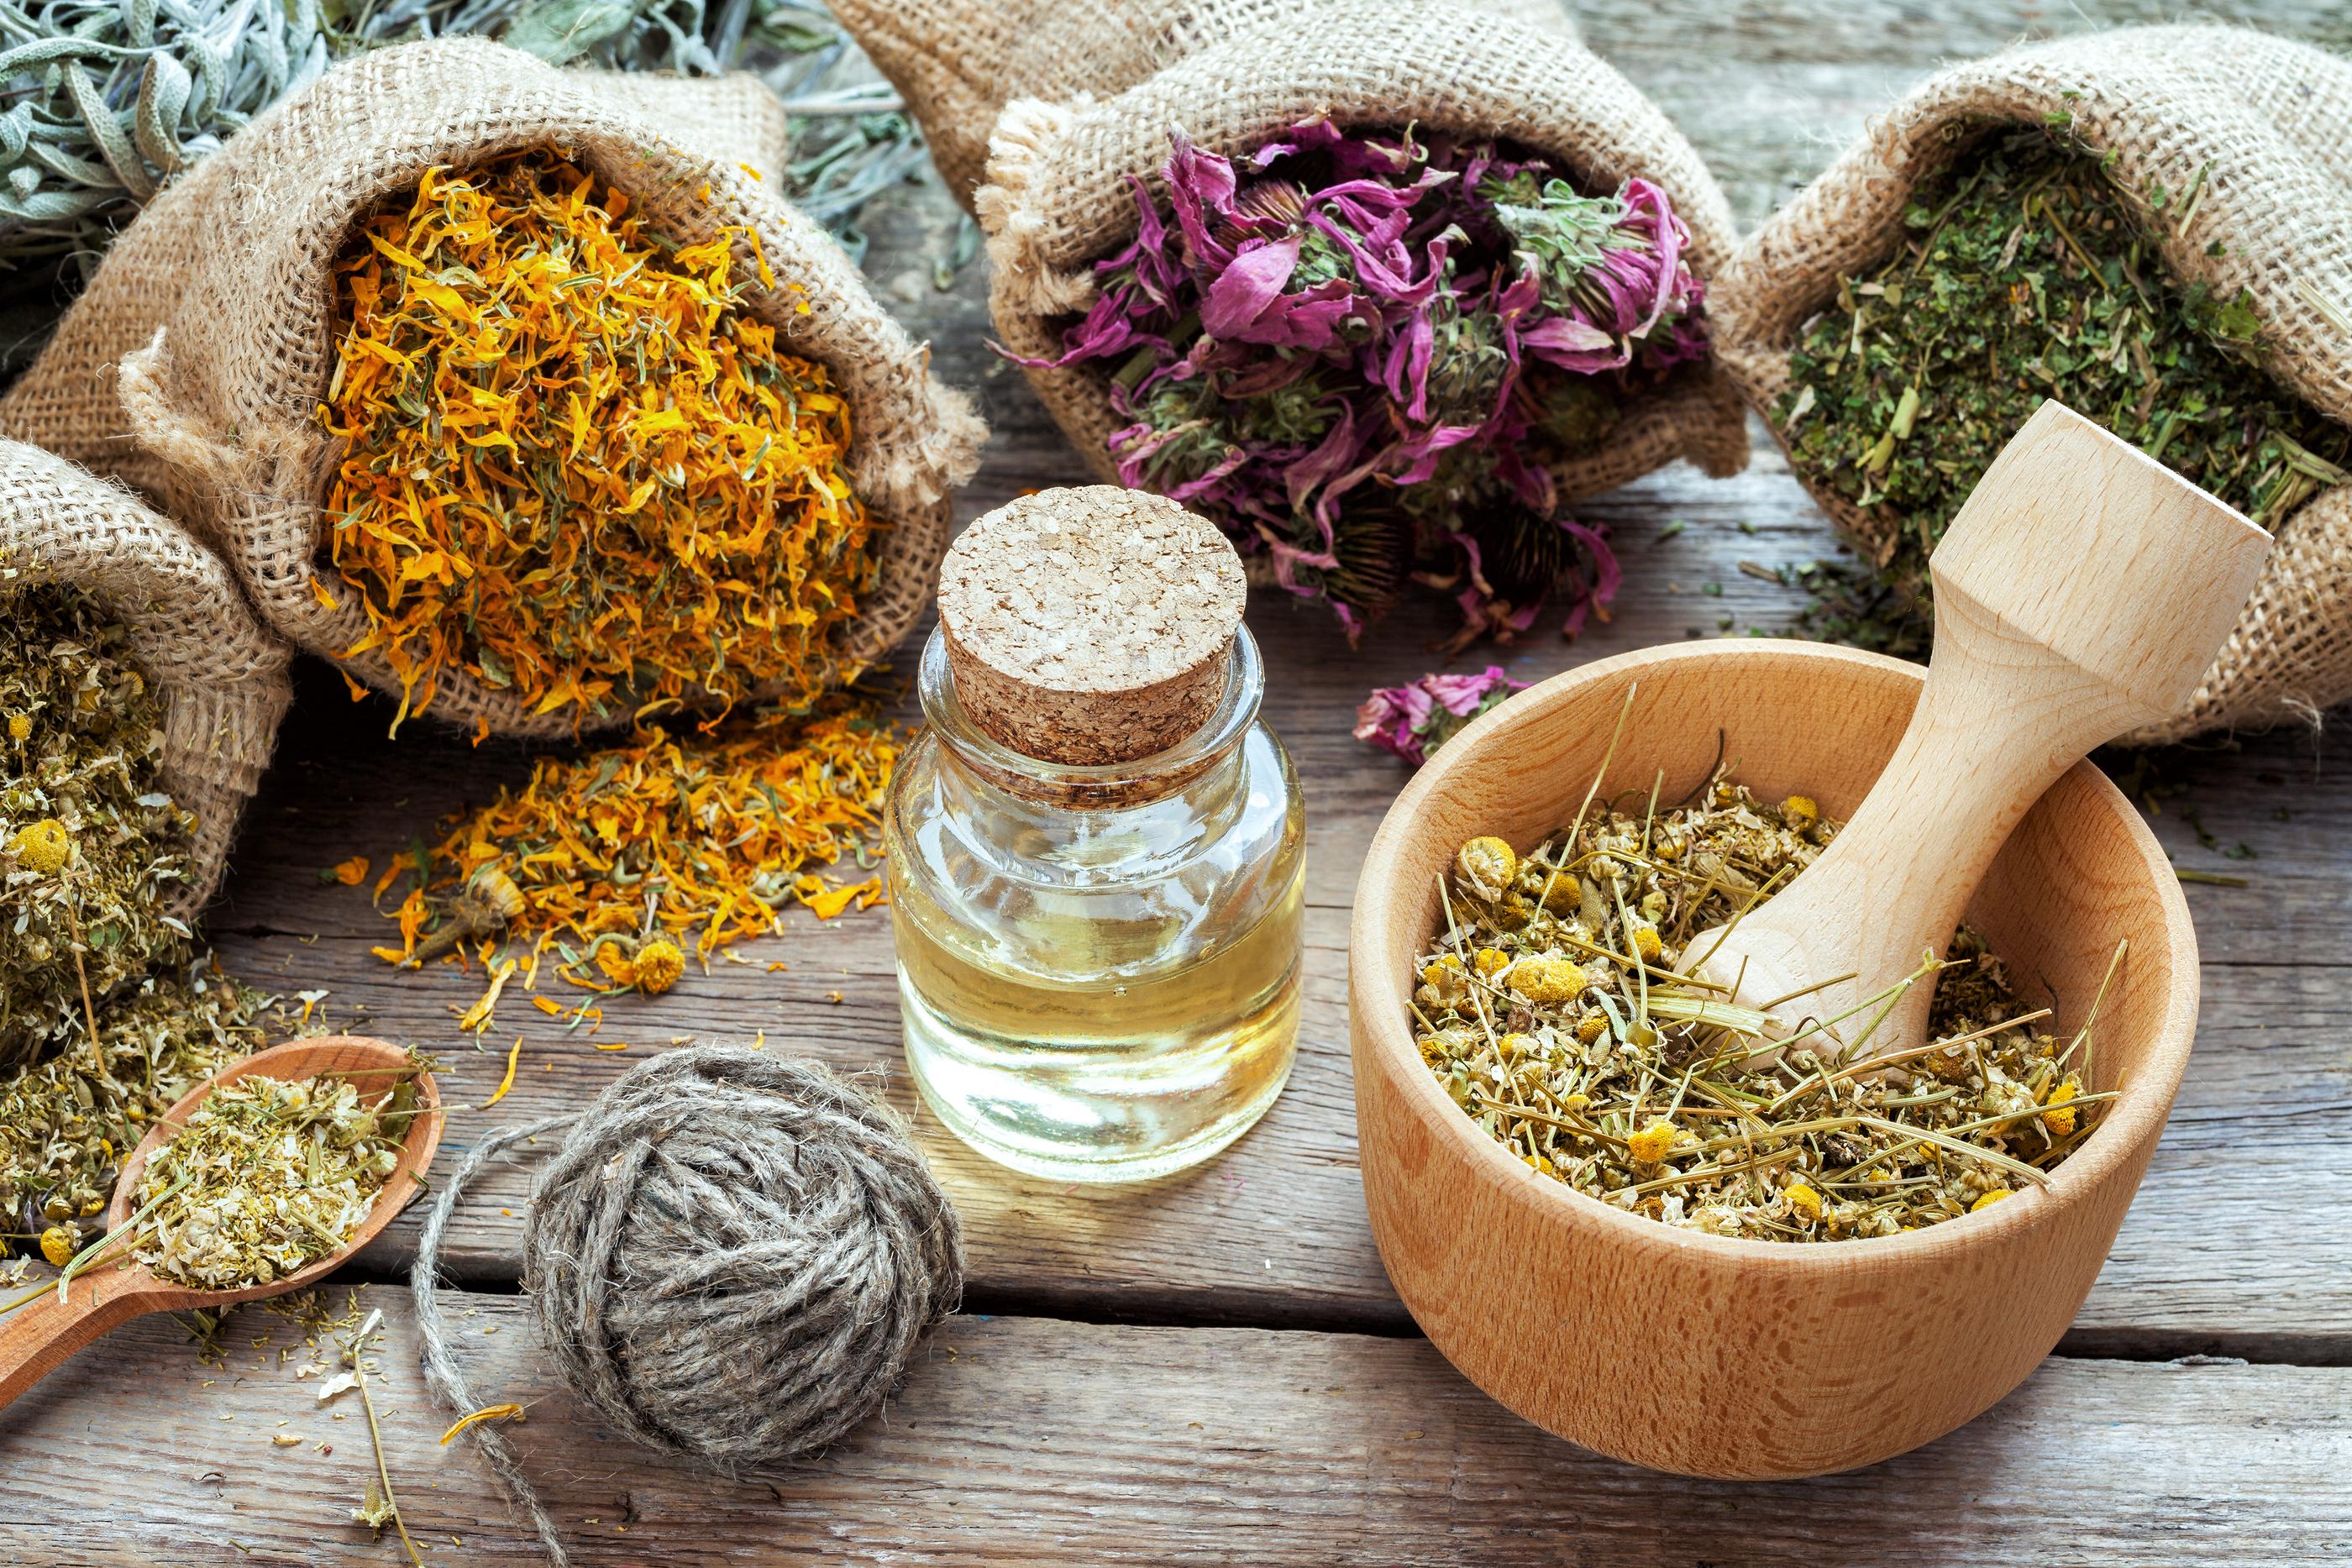 Целебный мед с травами - лекарственный рецепт приготовления 50